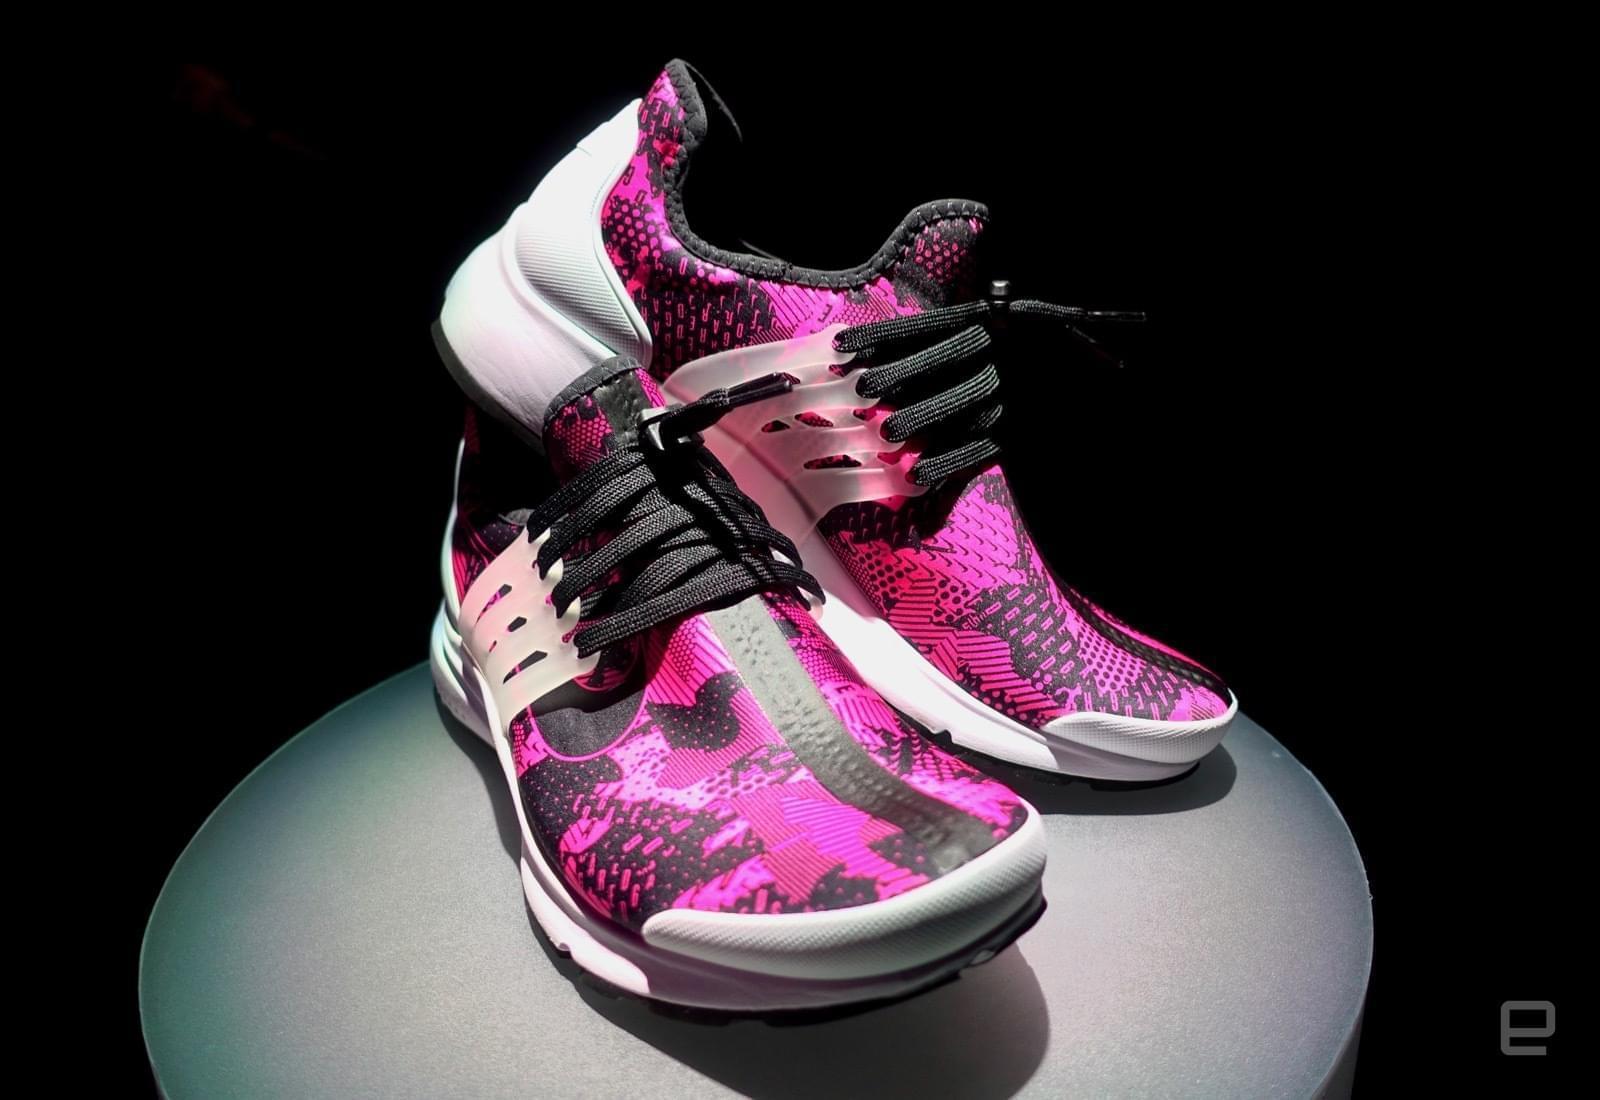 定制一双鞋只要一个半小时,这是Nike的新玩法